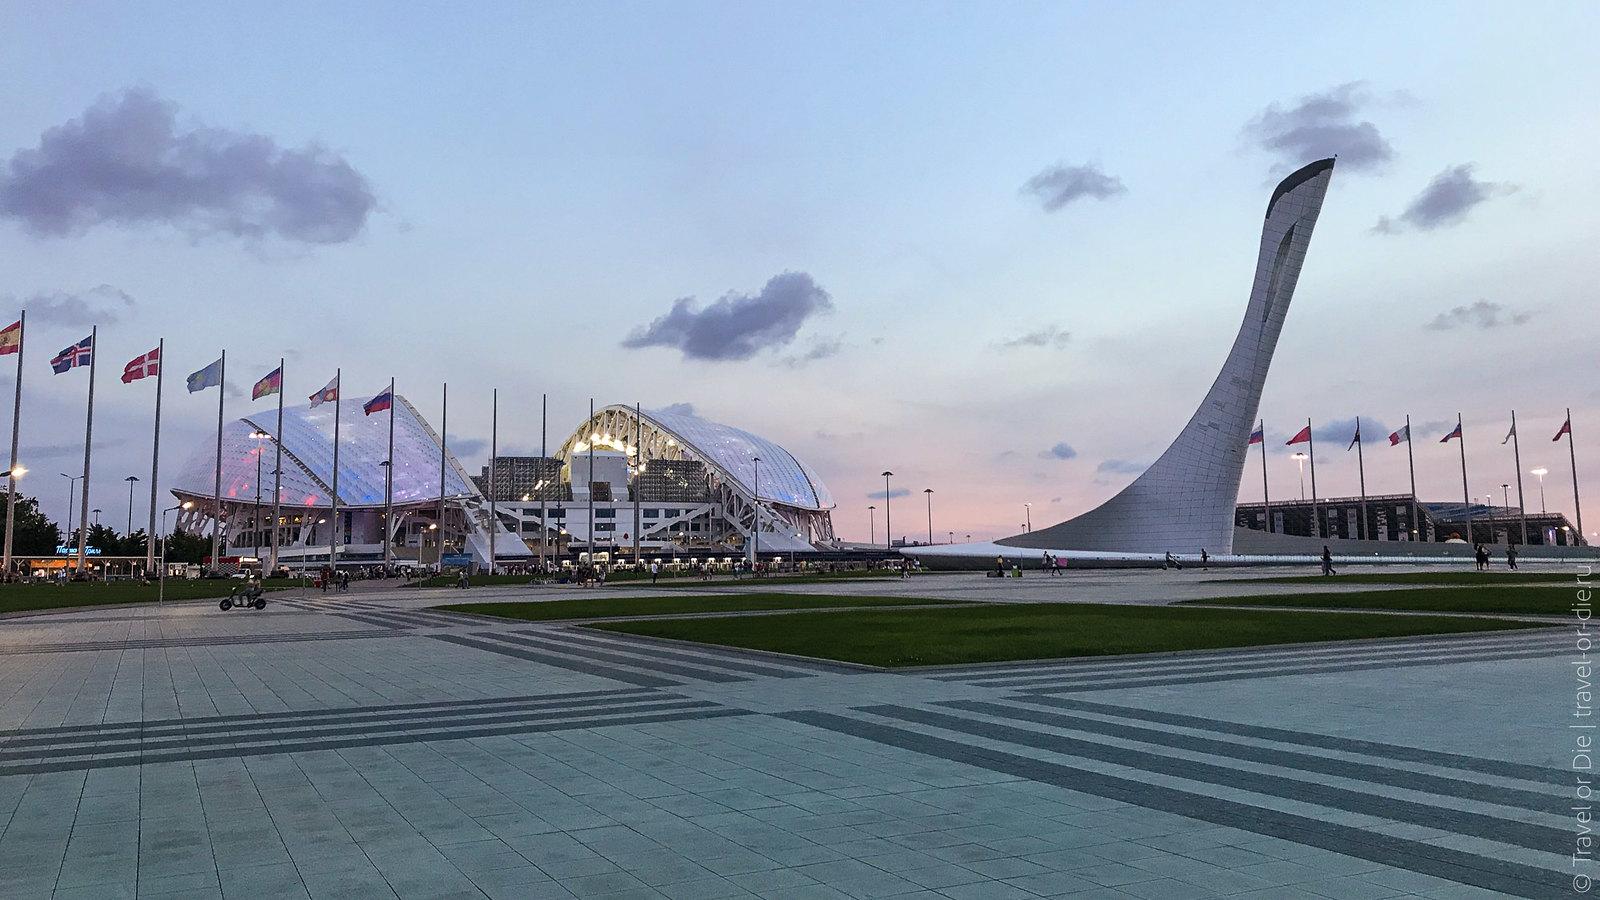 Олимпийский-парк-в-Сочи-Olympic-Park-Sochi-7458